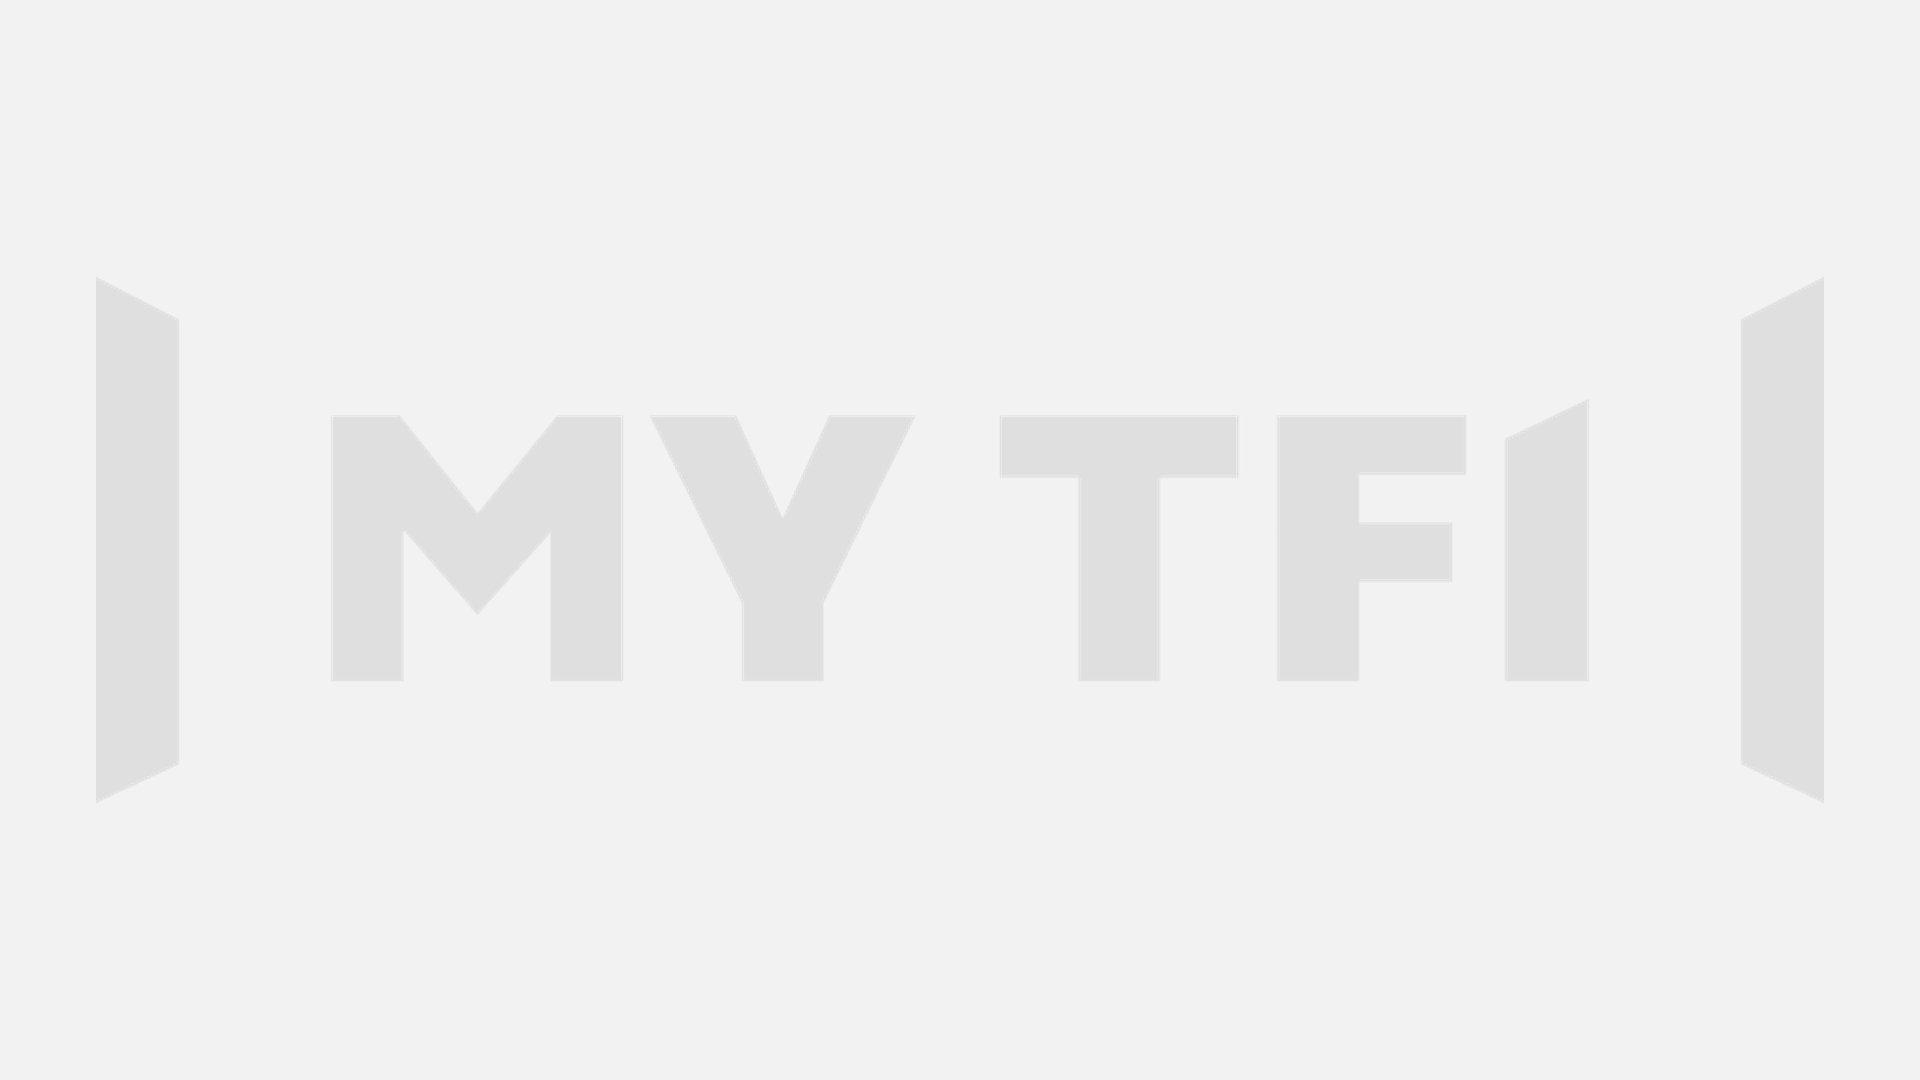 fond Jean-Baptiste Guégan : l'incroyable destin de l'homme à la voix de Johnny